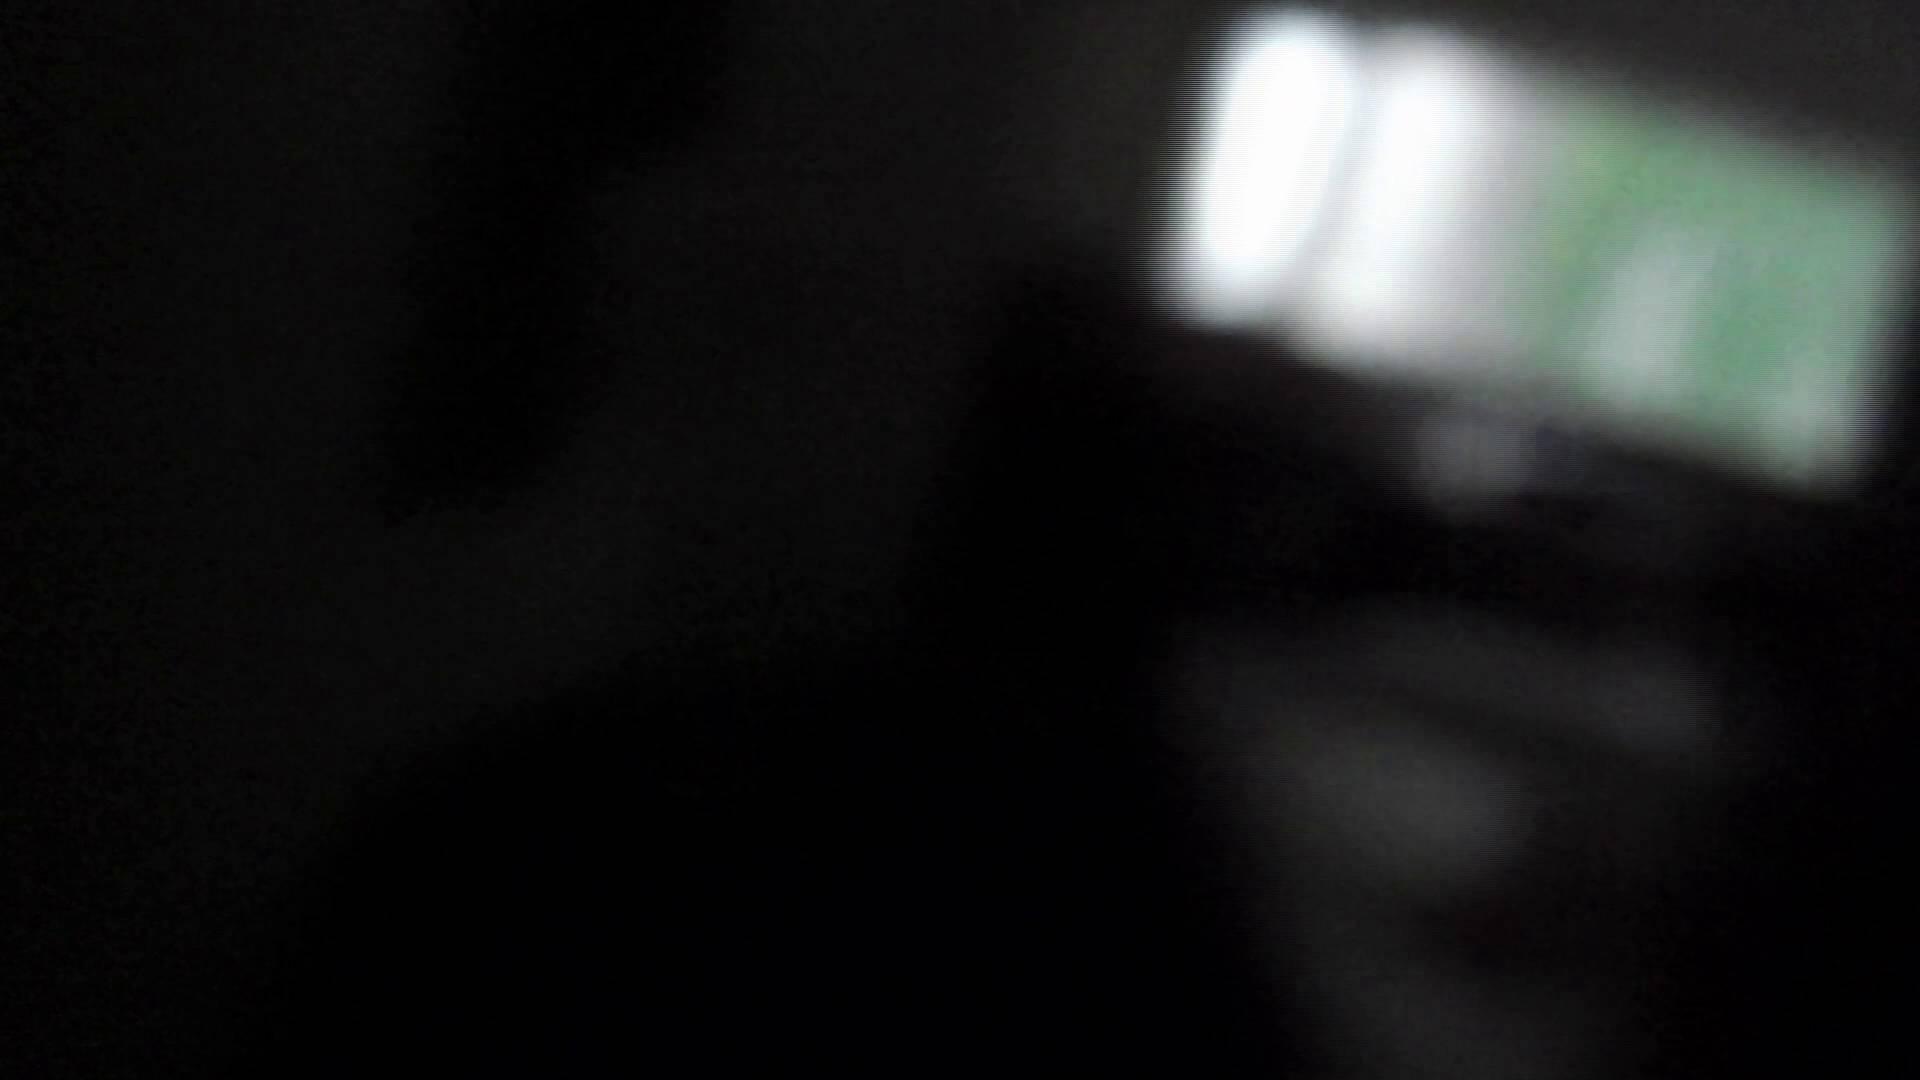 ヒトニアラヅNo.01 侵入 細身体型 性交動画流出 80枚 31